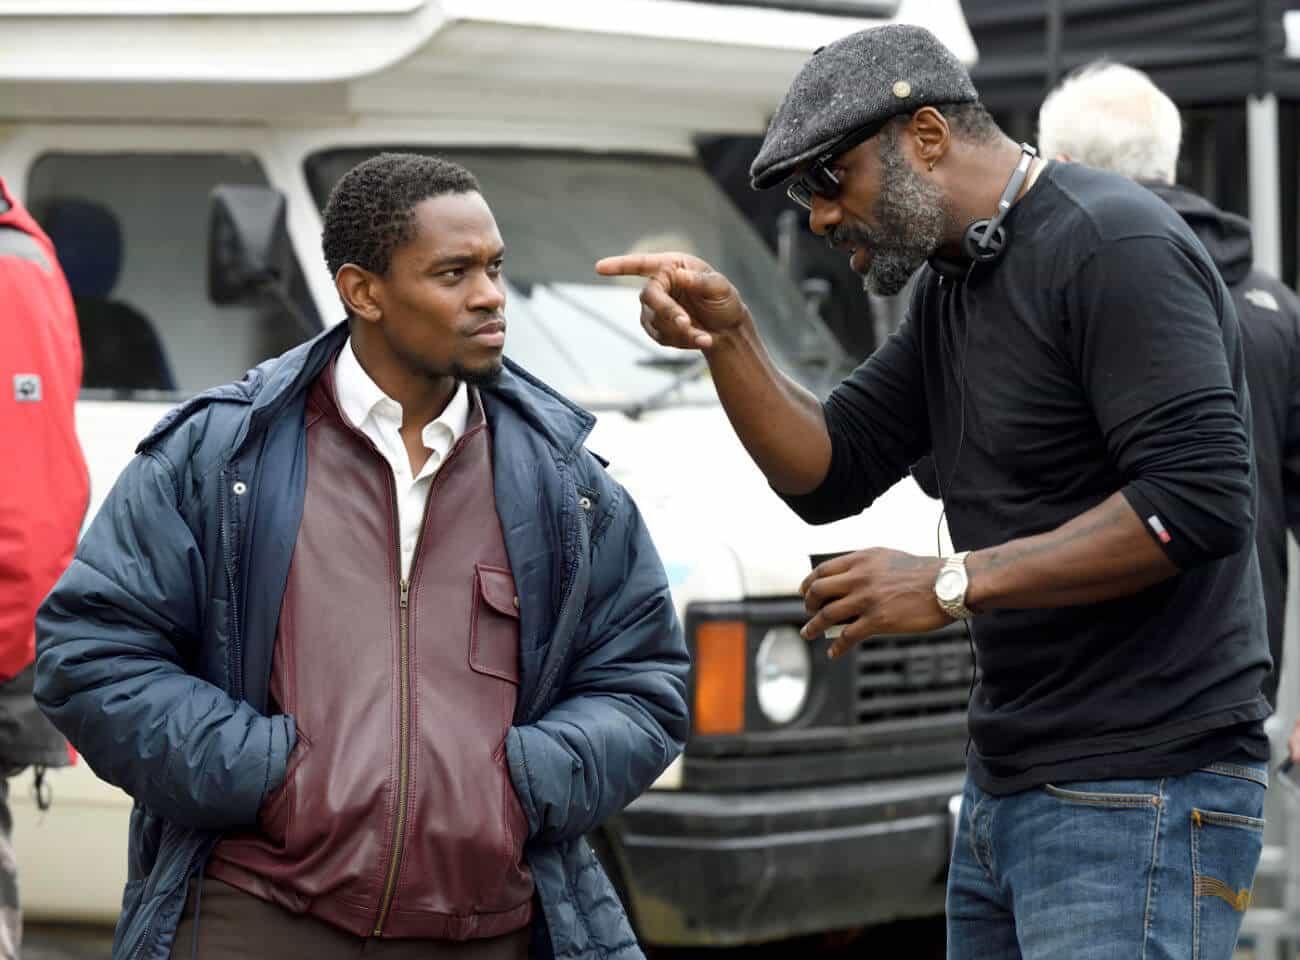 film reviews | movies | features | BRWC Work Begins On Idris Elba's Yardie